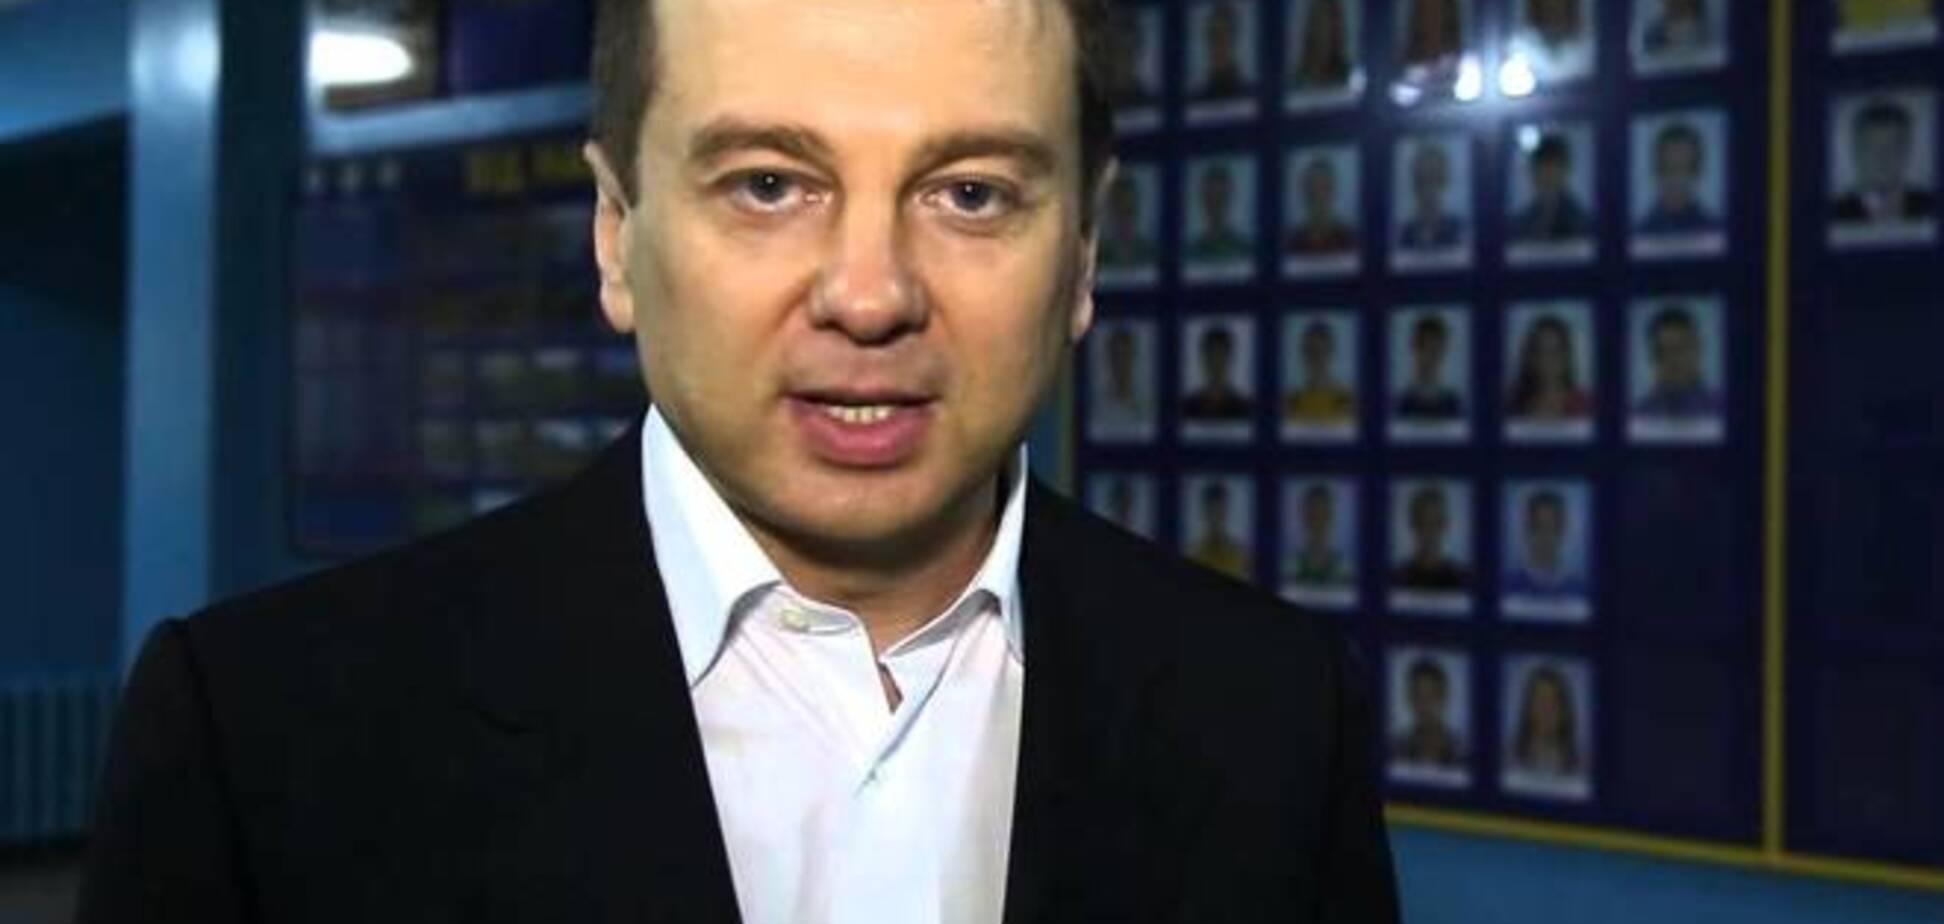 Во время 'Марша мира' в Москве арестован президент Фонда волонтеров Украины